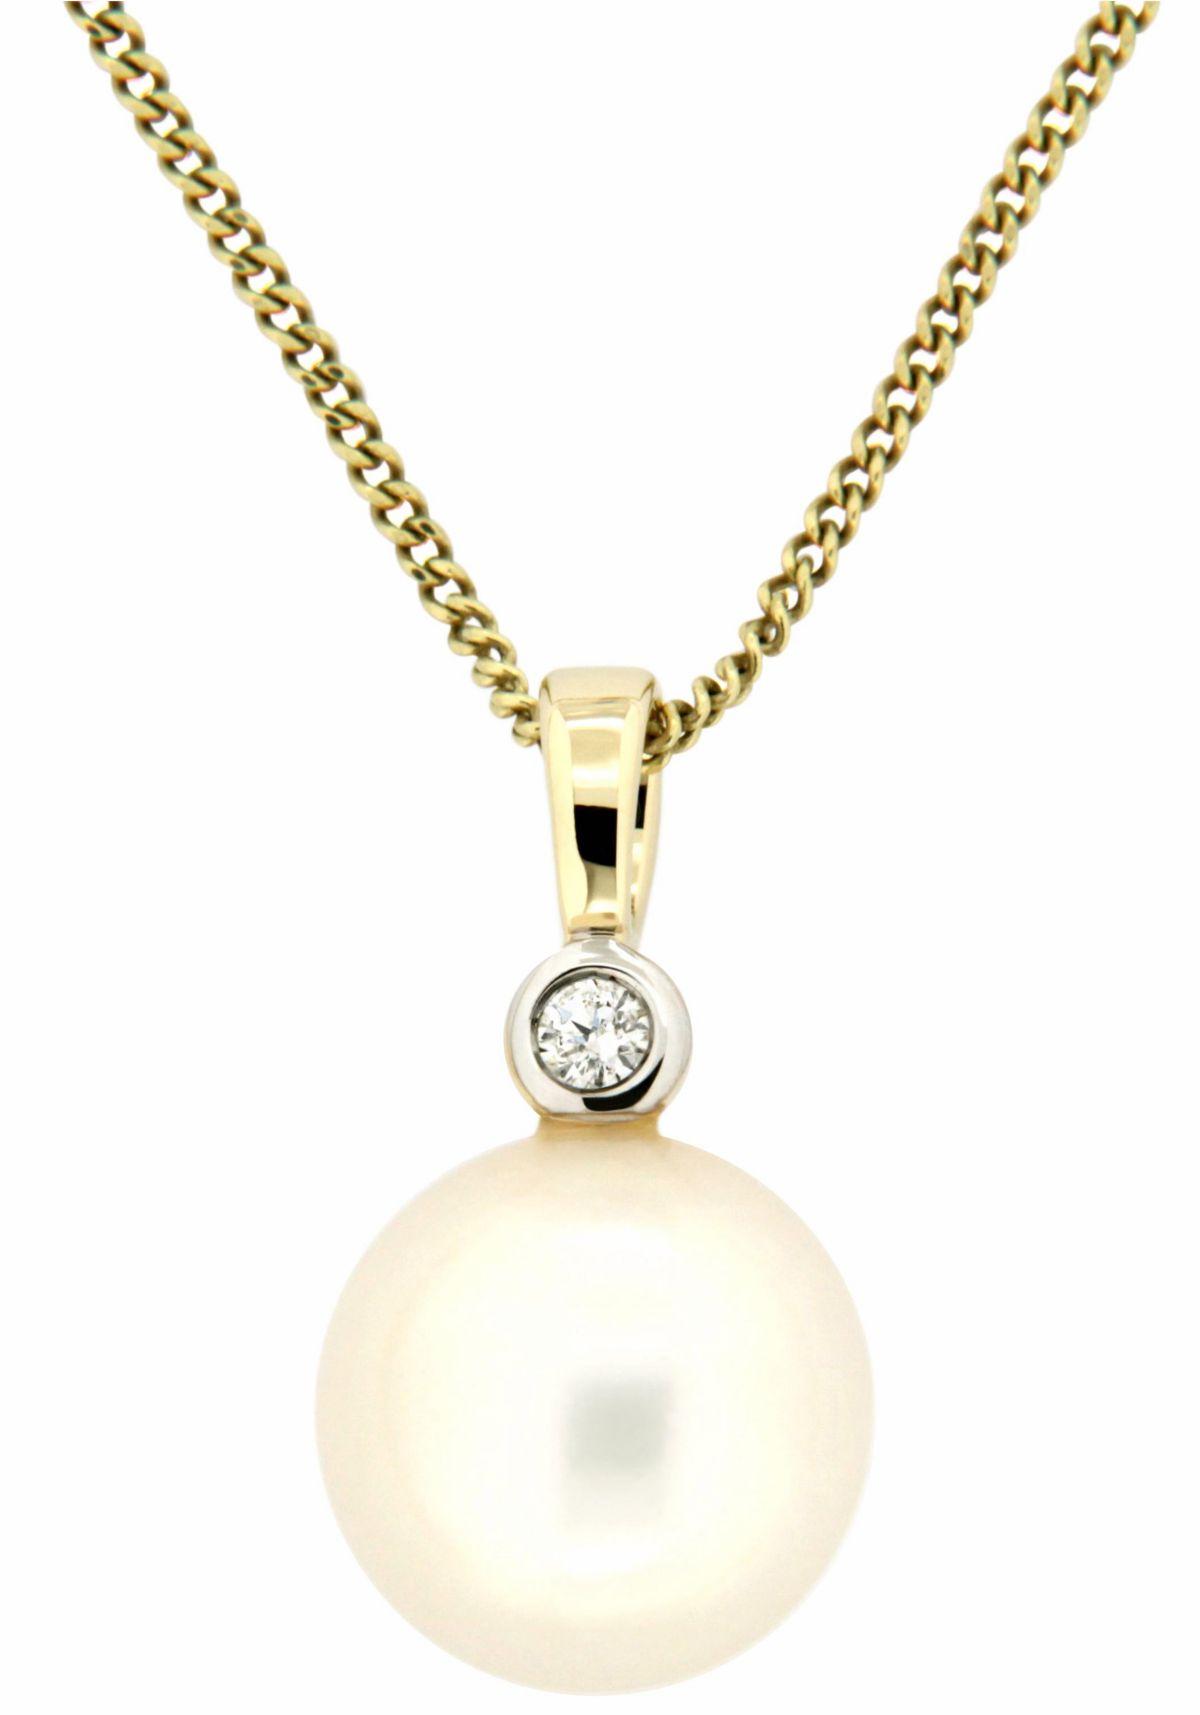 Vivance jewels Perlenanhänger von Schwab Versand in black - Schwarz für 91,99€